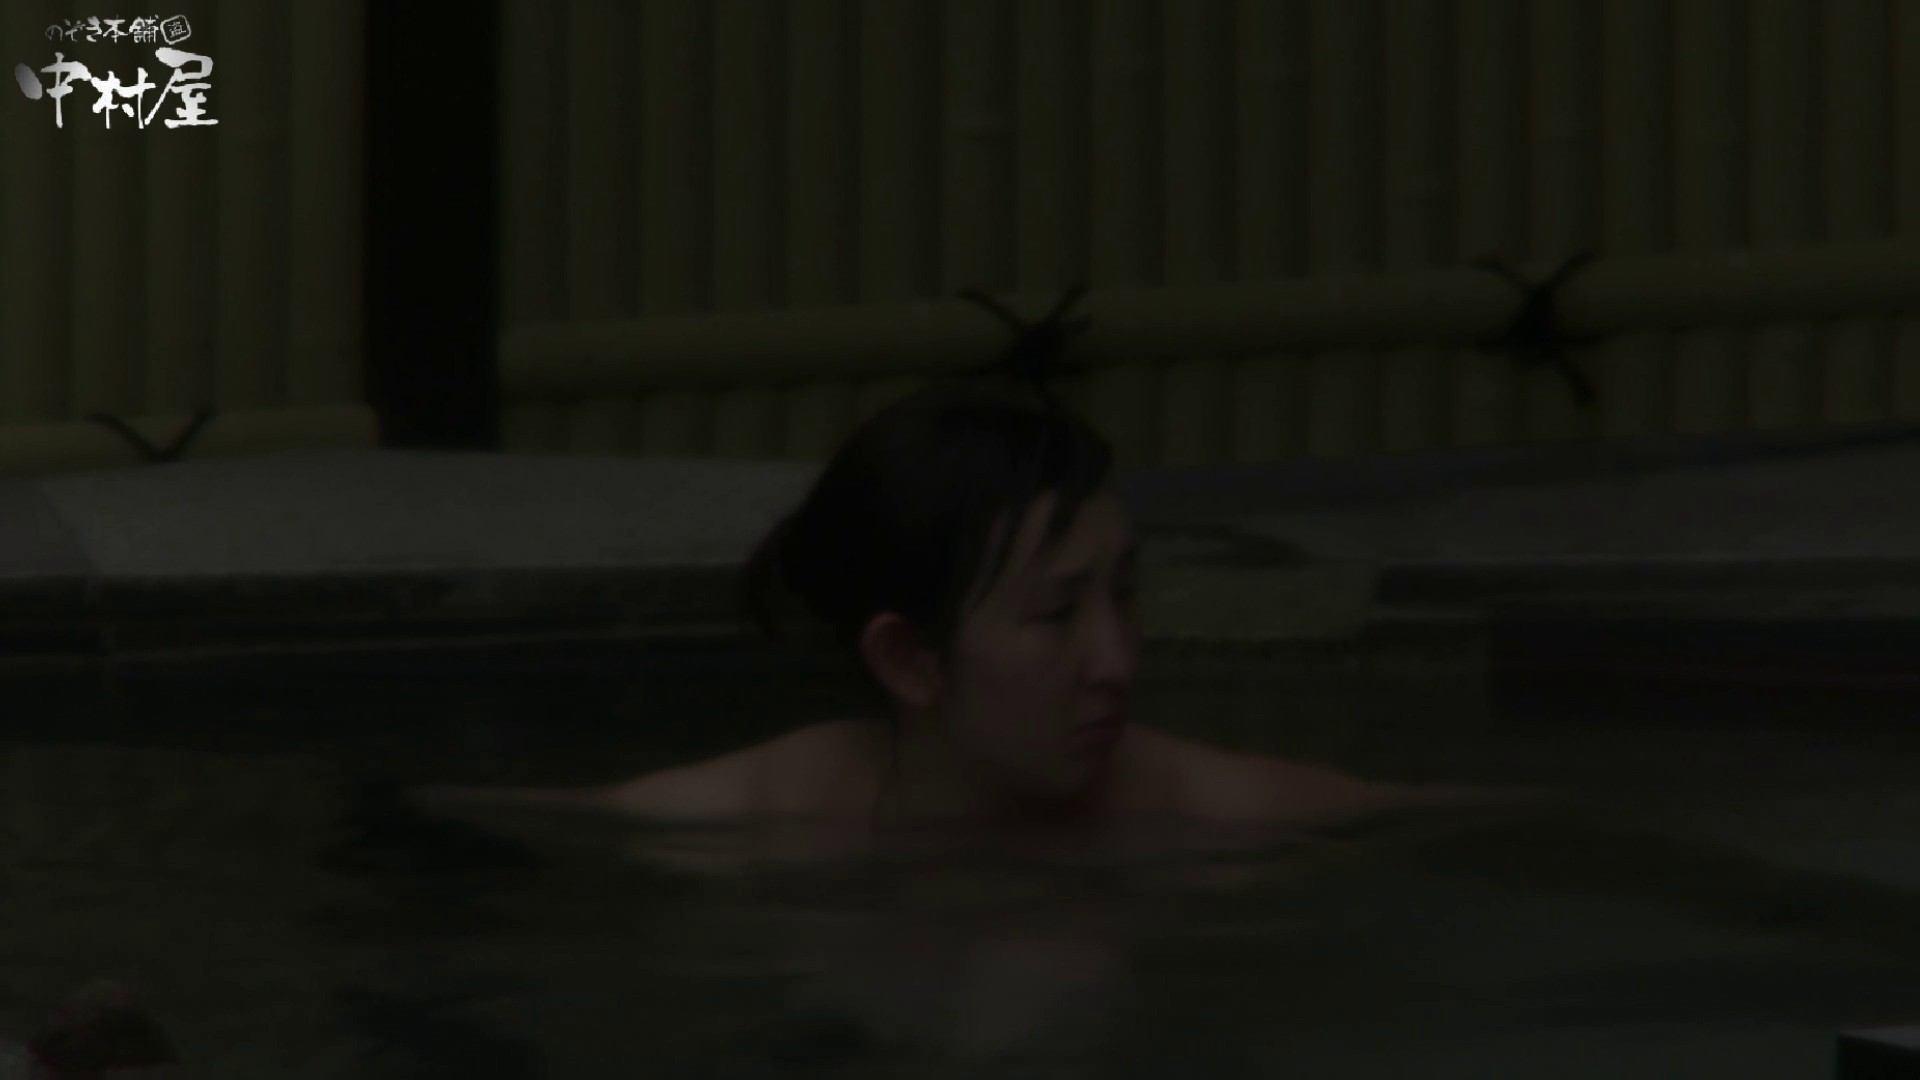 Aquaな露天風呂Vol.948 盗撮動画 | 露天風呂  11枚 1